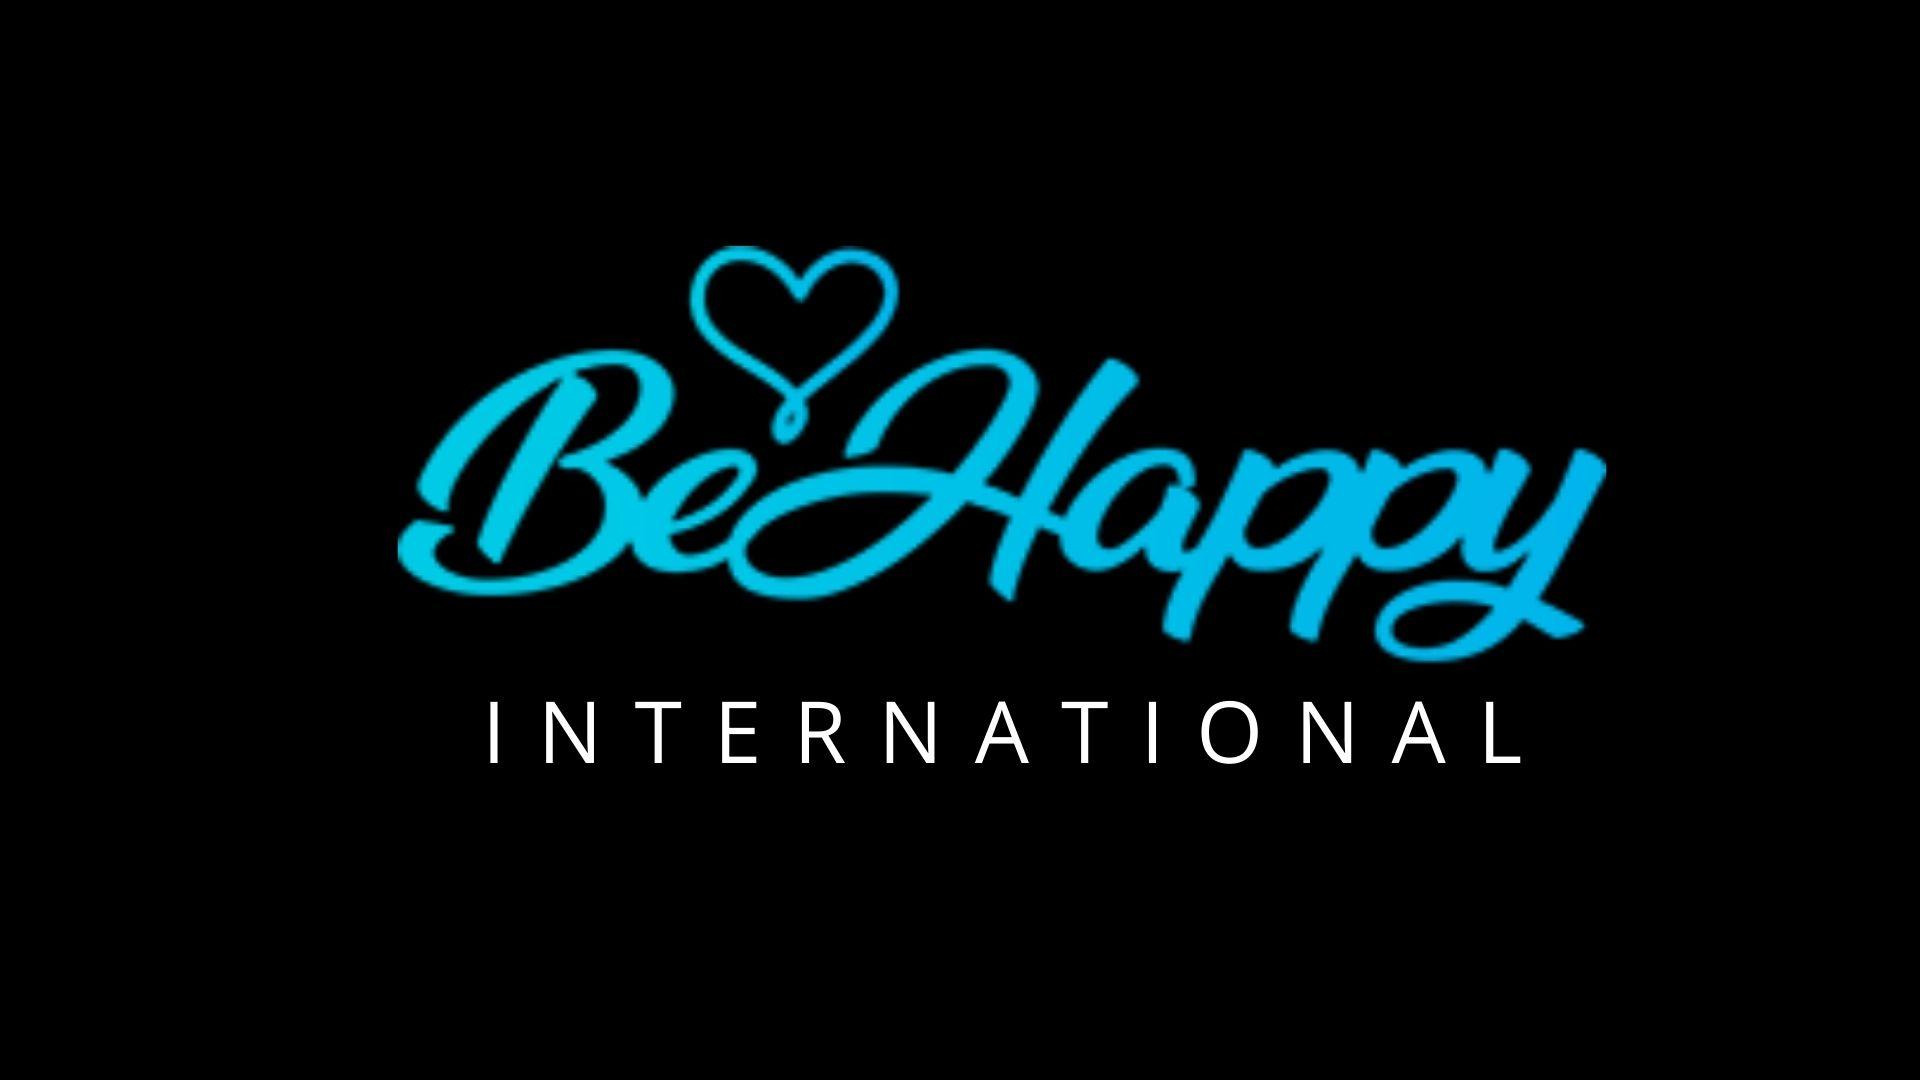 BeHappy2Day